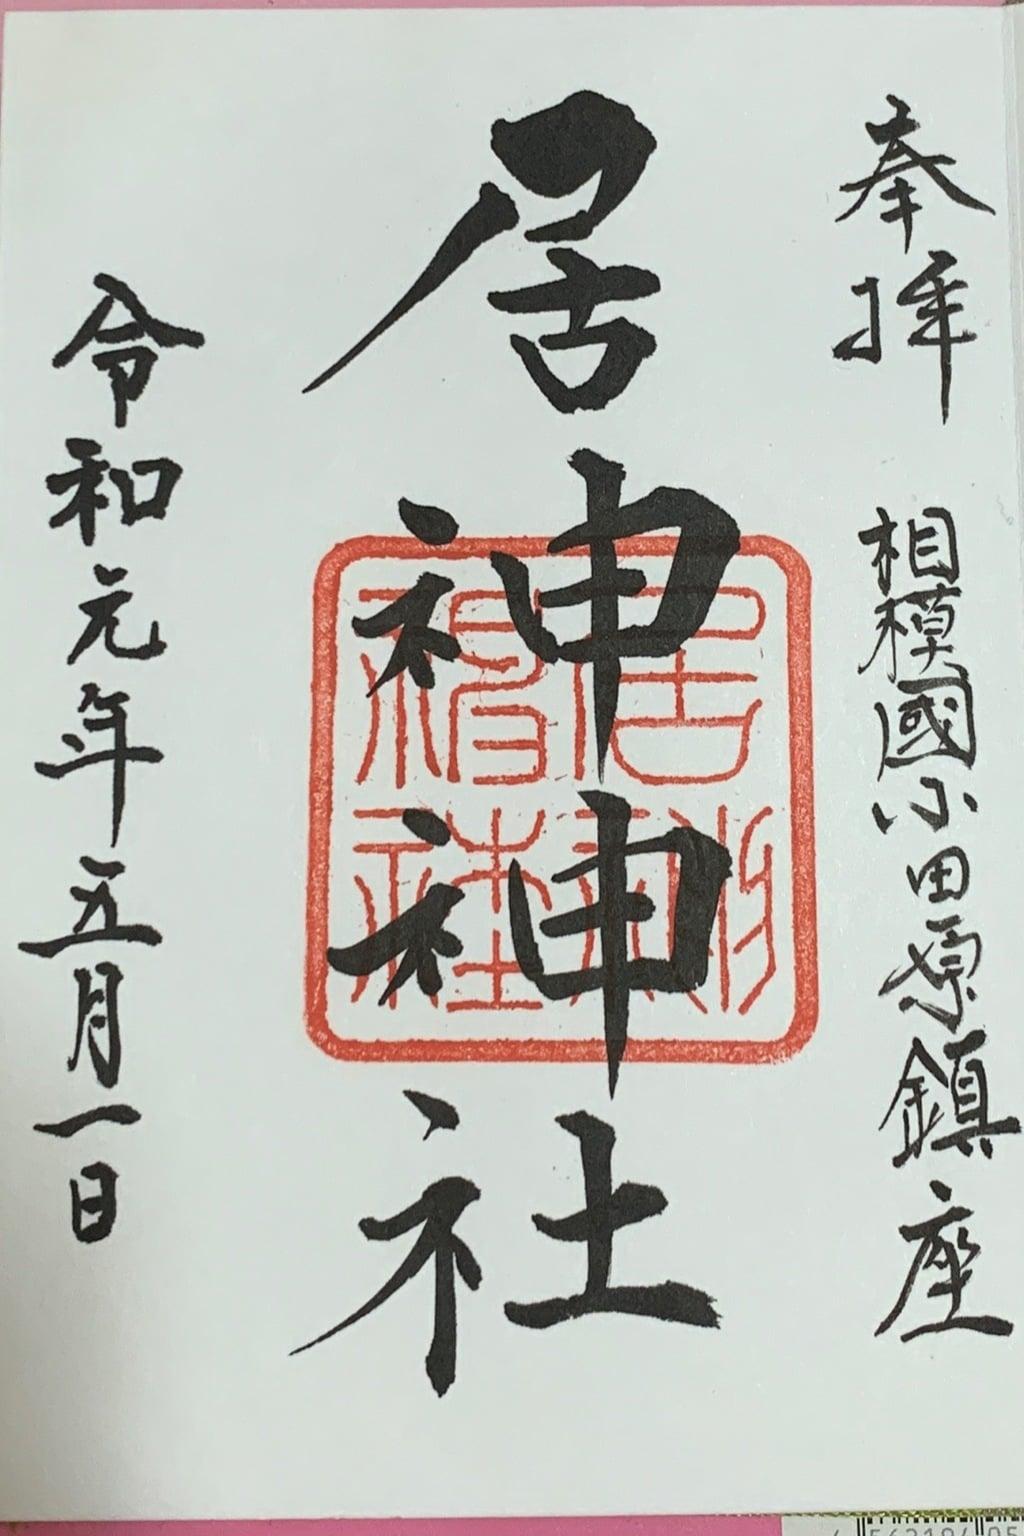 居神神社の御朱印